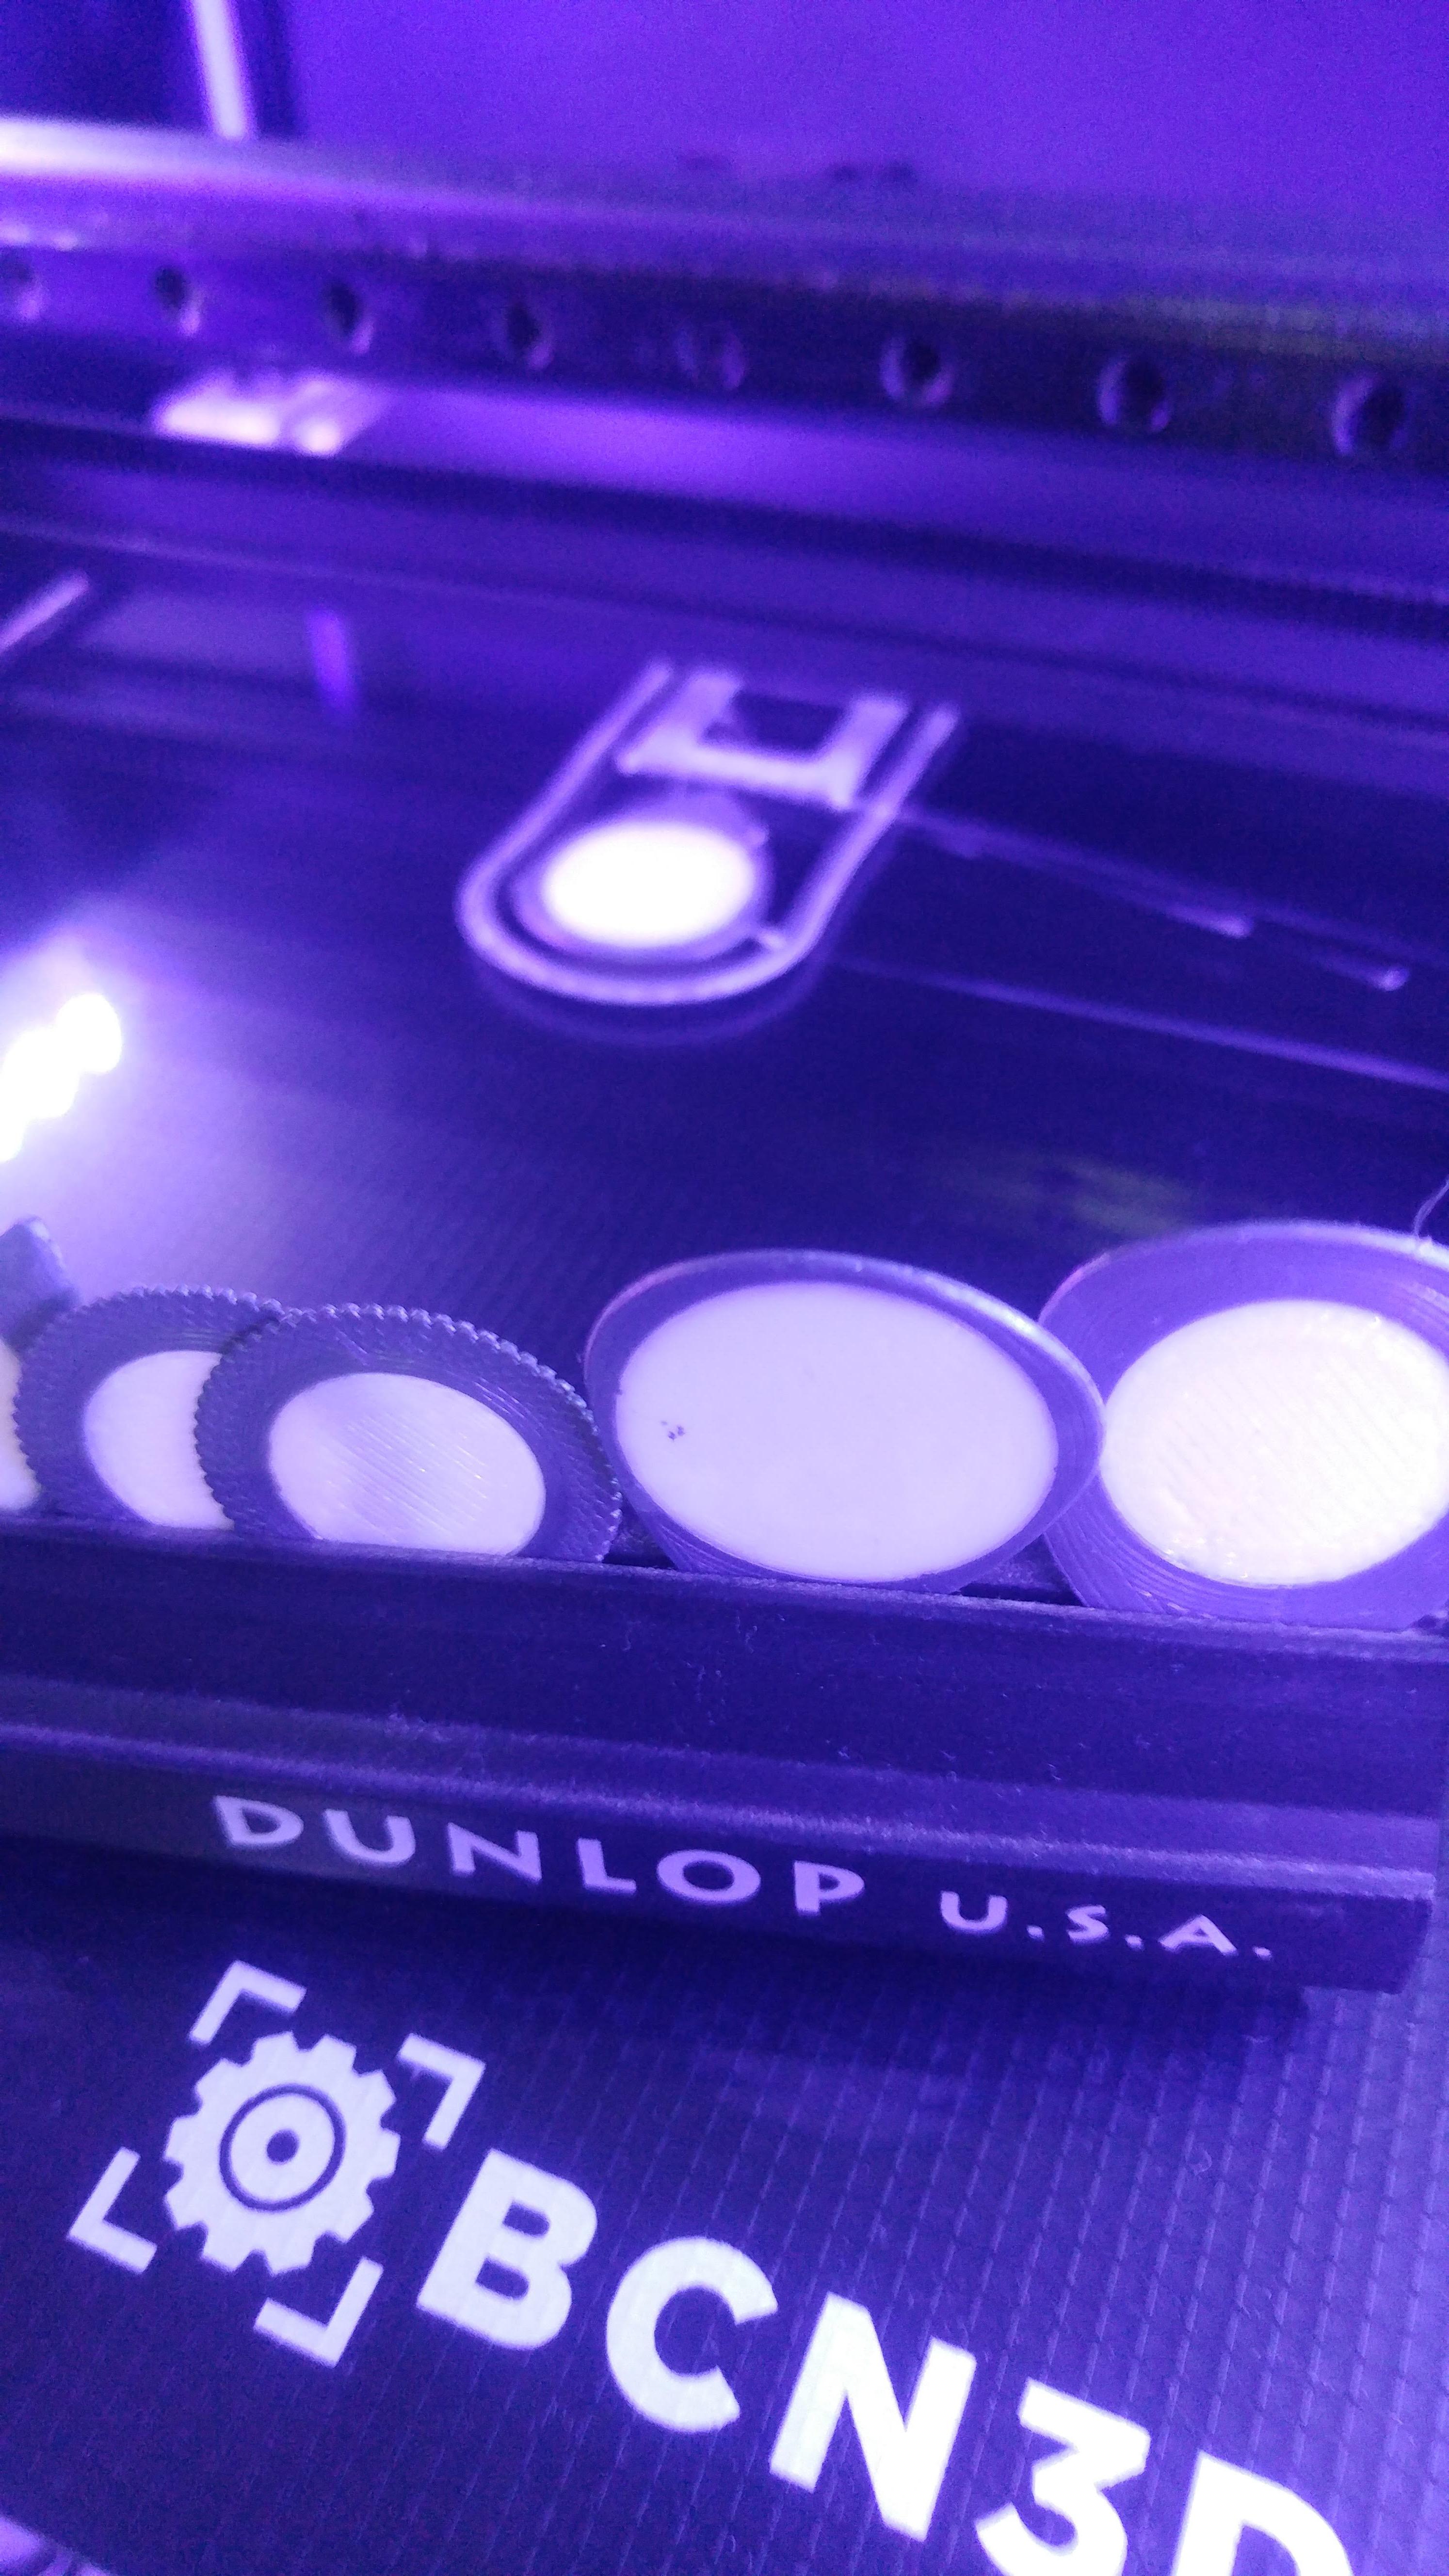 7C6BA39D-5E22-4655-858D-52C847985B60.jpeg Télécharger fichier STL gratuit RAINDROP Pua Nido (médiator électrique) • Design imprimable en 3D, carleslluisar